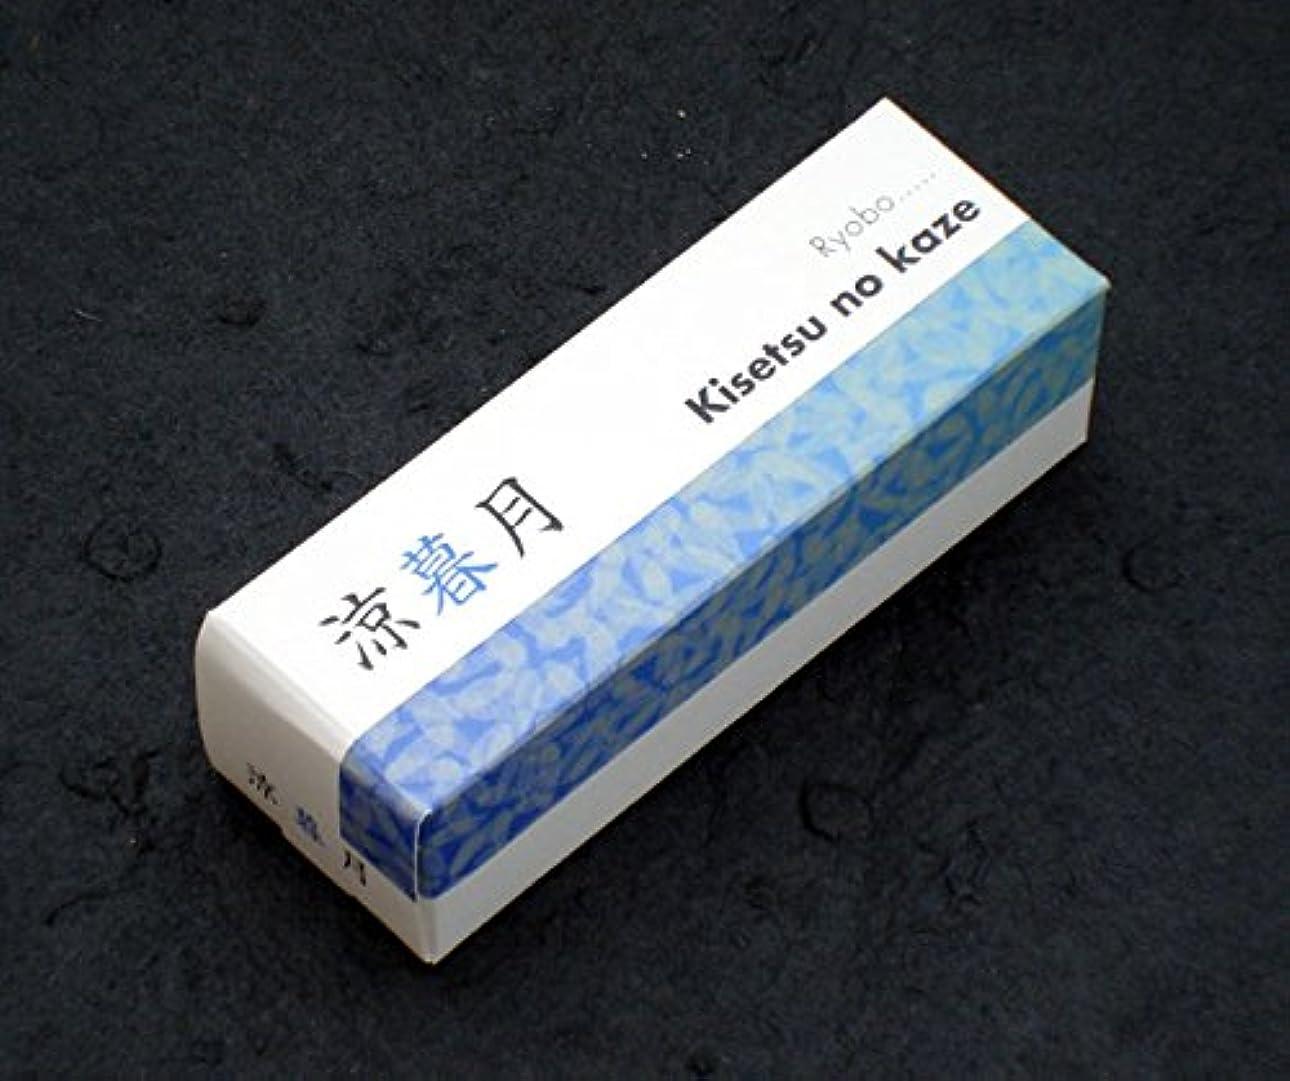 アボート故意の所有者季節の風 涼暮月(りょうぼづき)【松栄堂】 【お香】